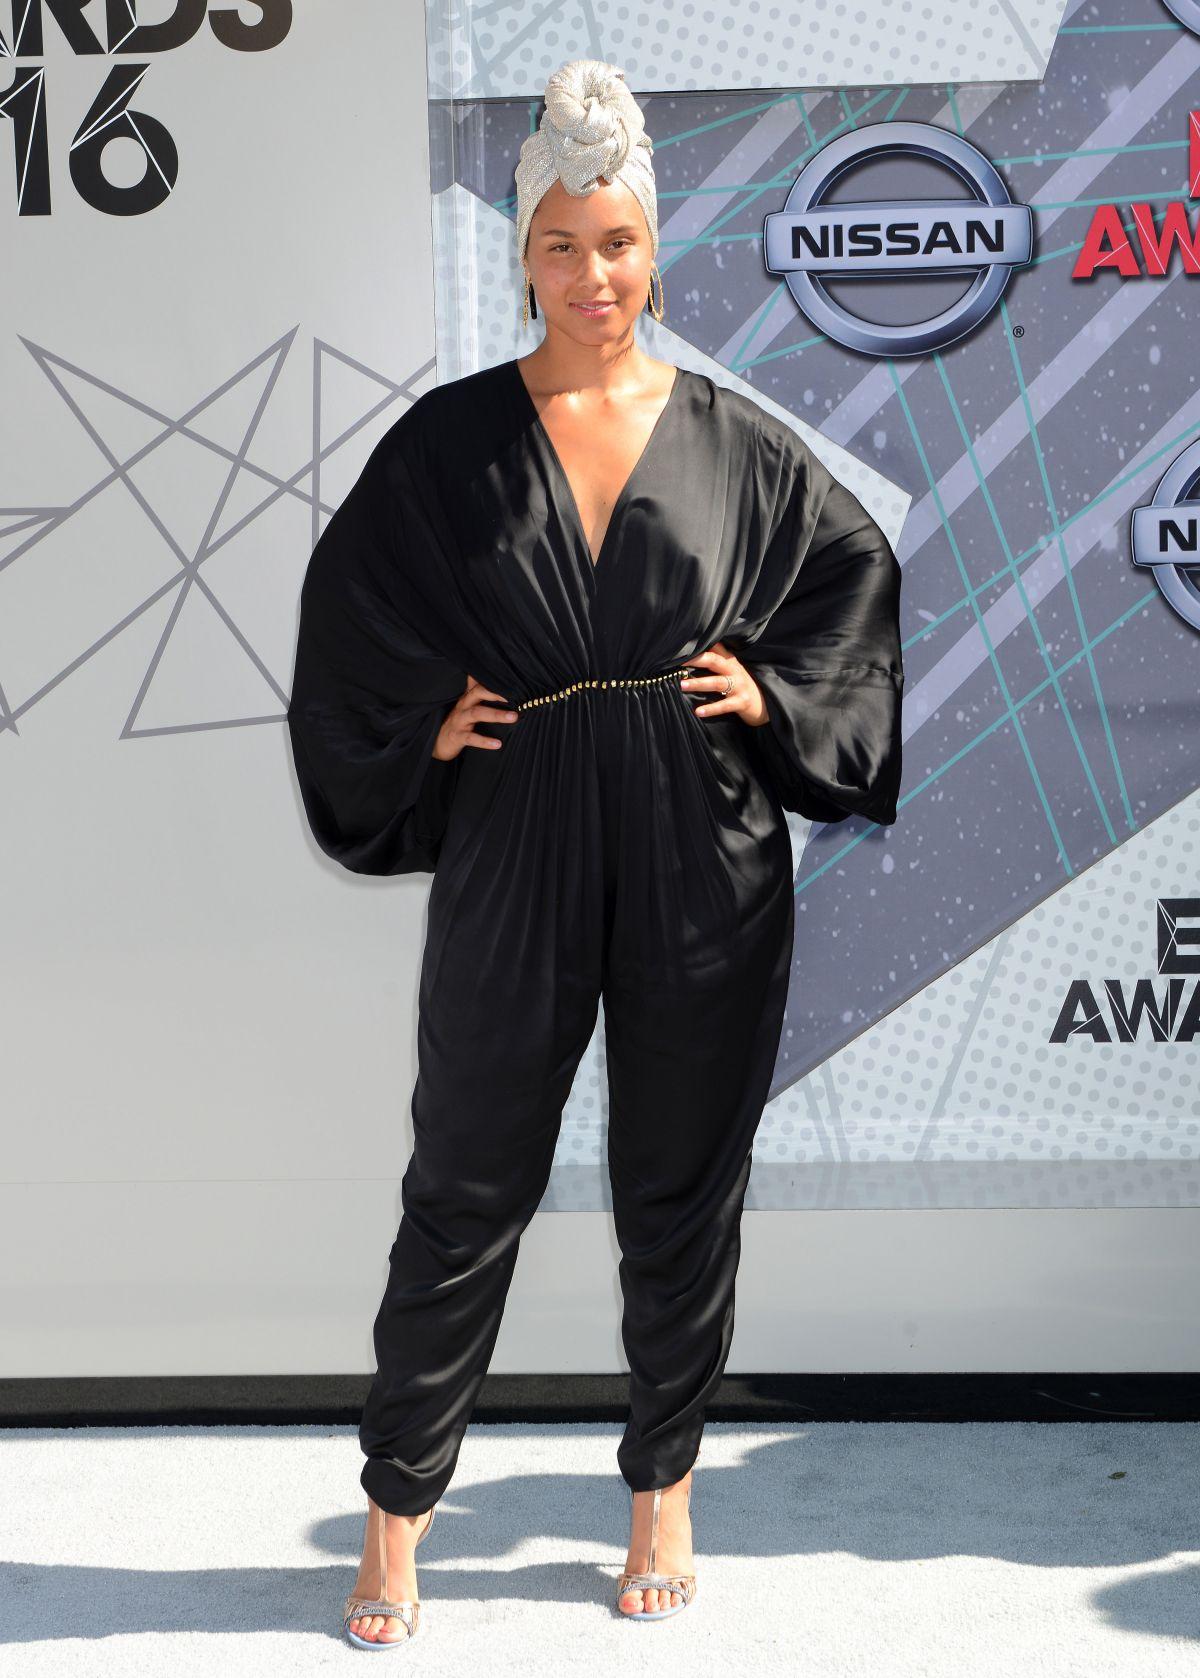 ALICIA KEYS at 2016 BET Awards in Los Angeles 06/26/2016